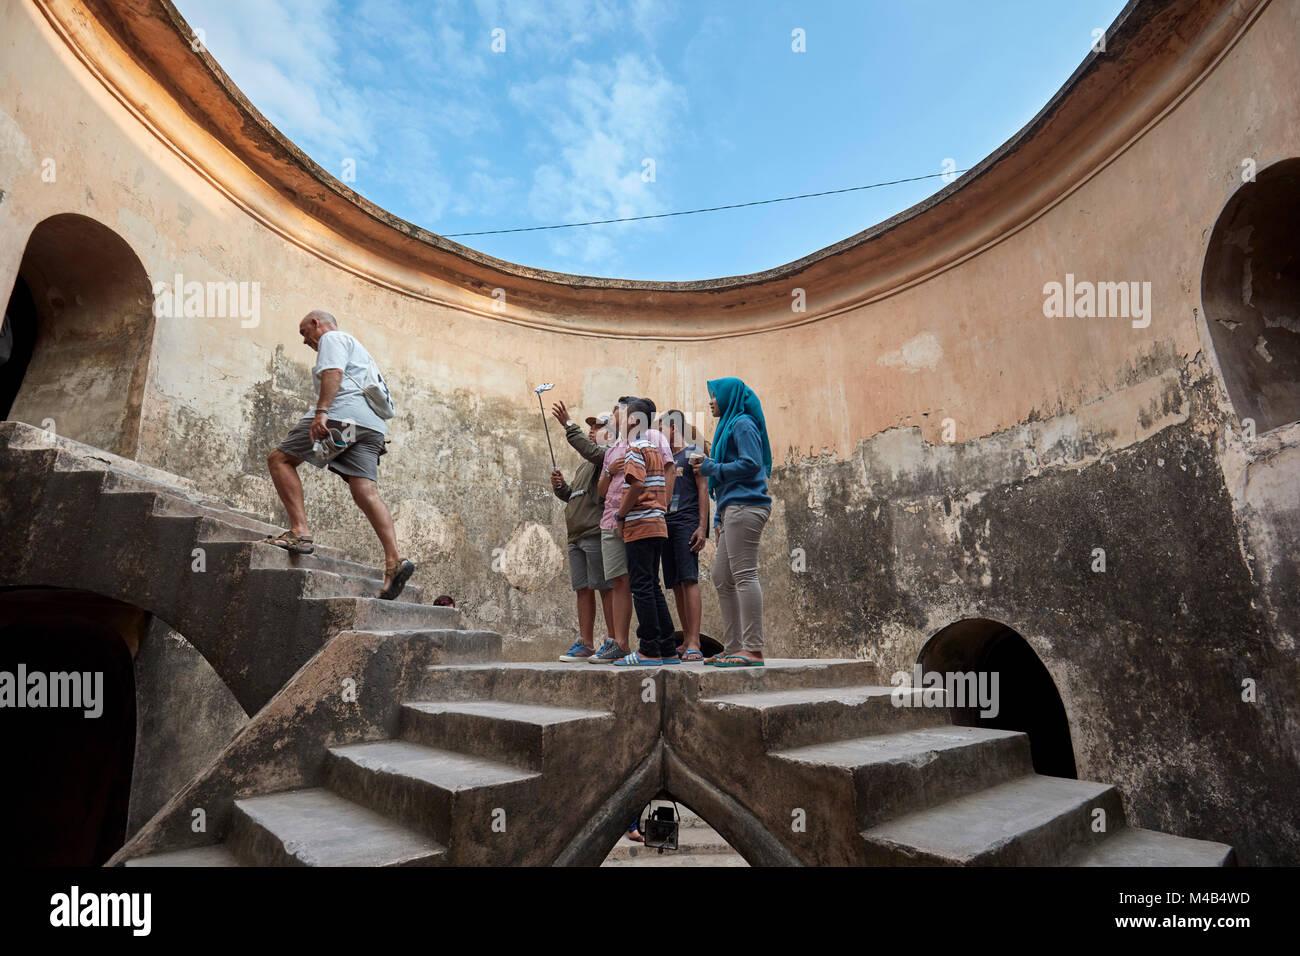 Touristen in Sumur Gumuling Gumuling (gut), 1-stöckigen zirkuläre Struktur, einmal als Moschee genutzt. Stockbild